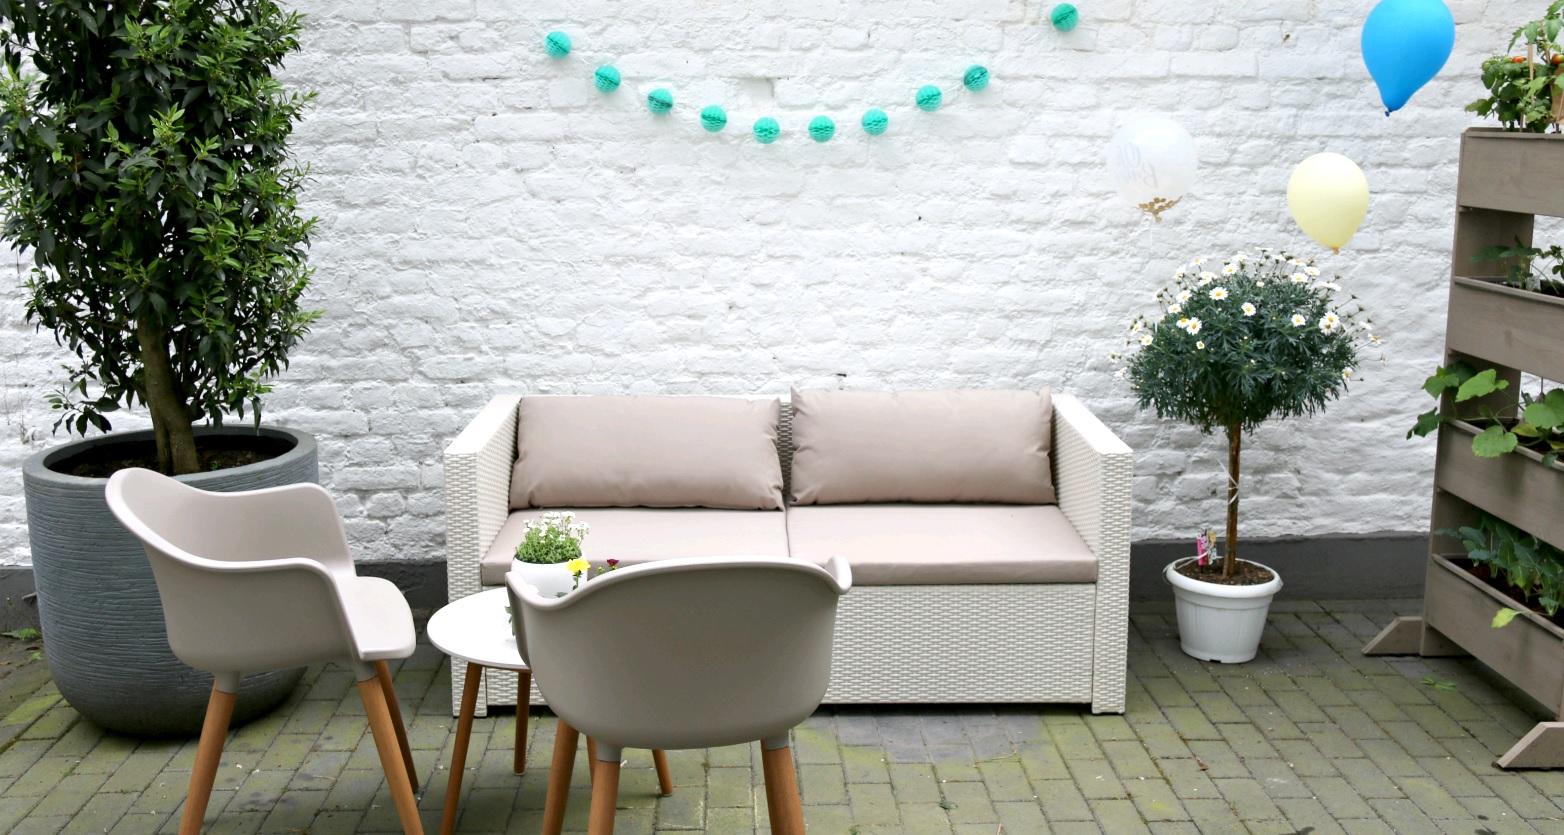 Full Size of Eine Gemtliche Gartenlounge Im Hof Zum Wohlfhlen Und Entspannen Wohnzimmer Gartensofa Tchibo